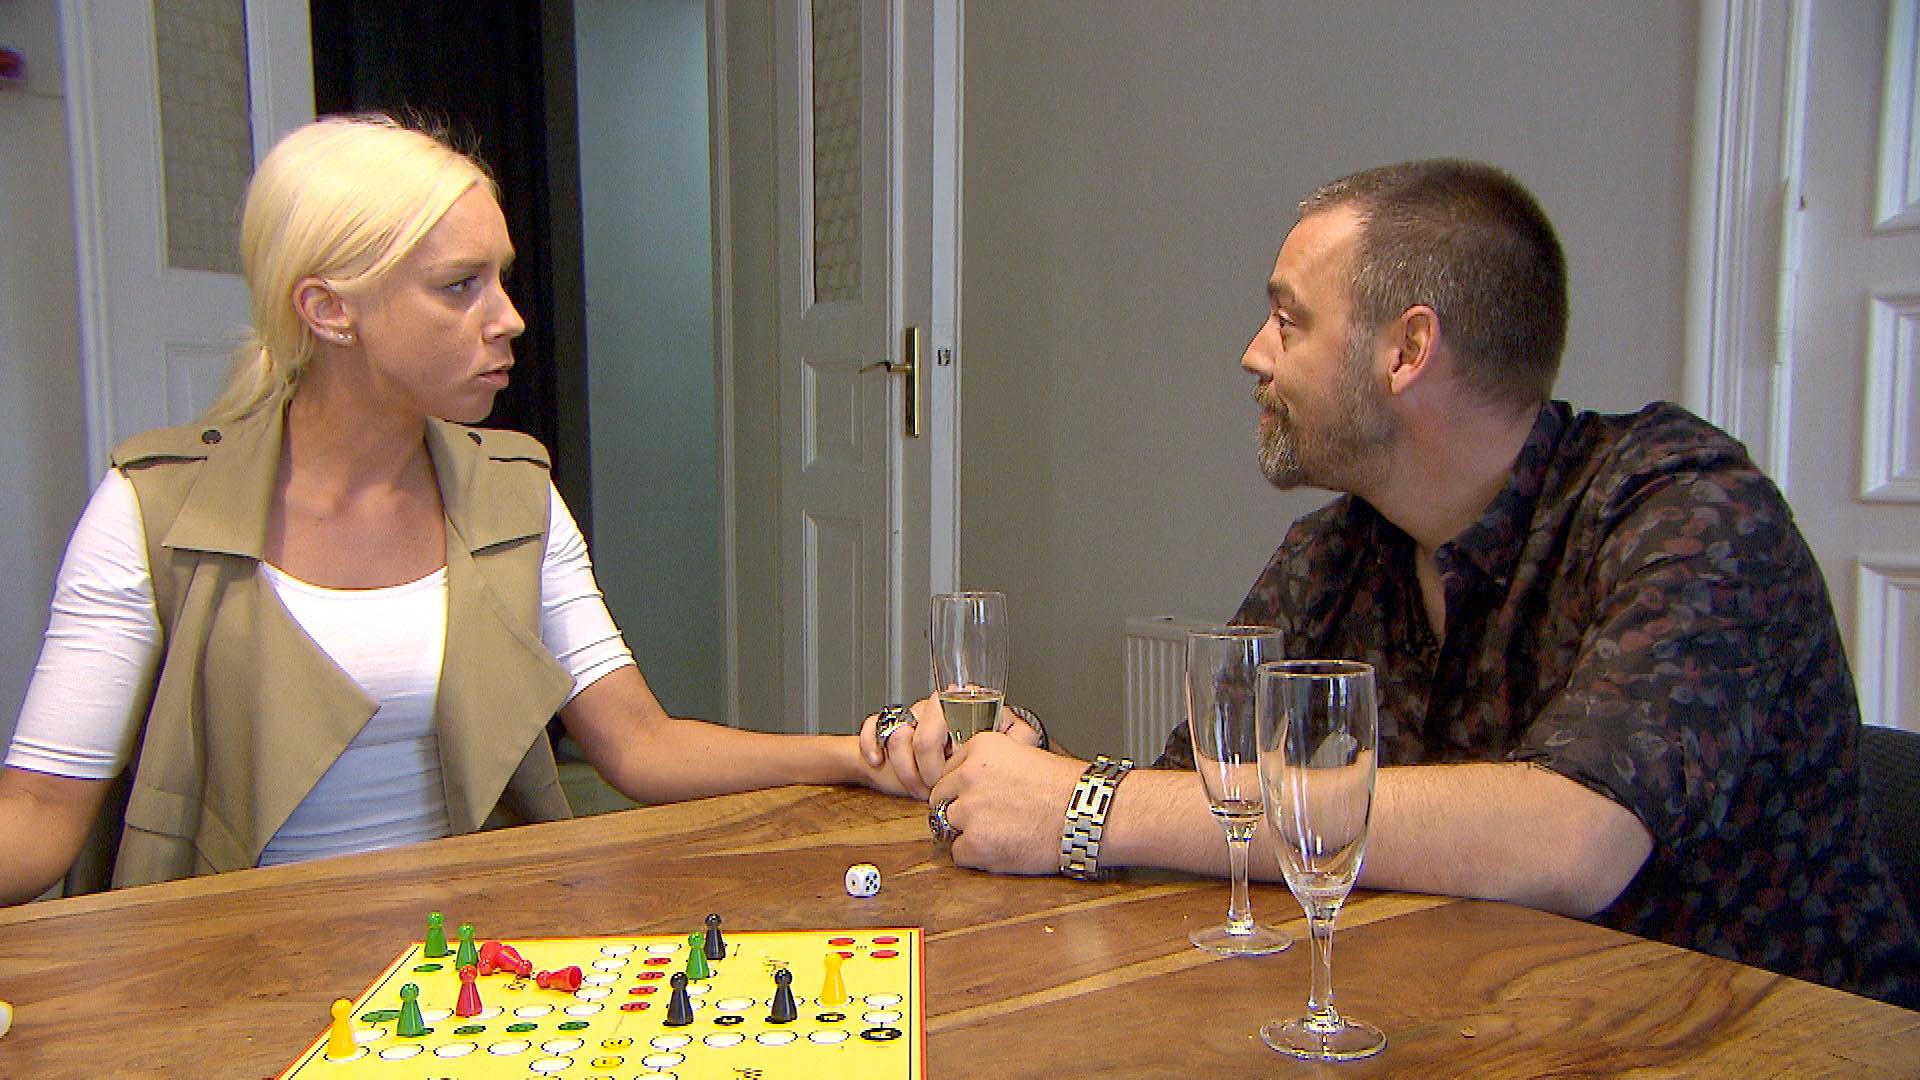 Theo (re.) setzt zu, dass Peggy (li.) und Joe offenbar eine stärkere Bindung zueinander haben als Peggy und er selbst. (Quelle: RTL 2)